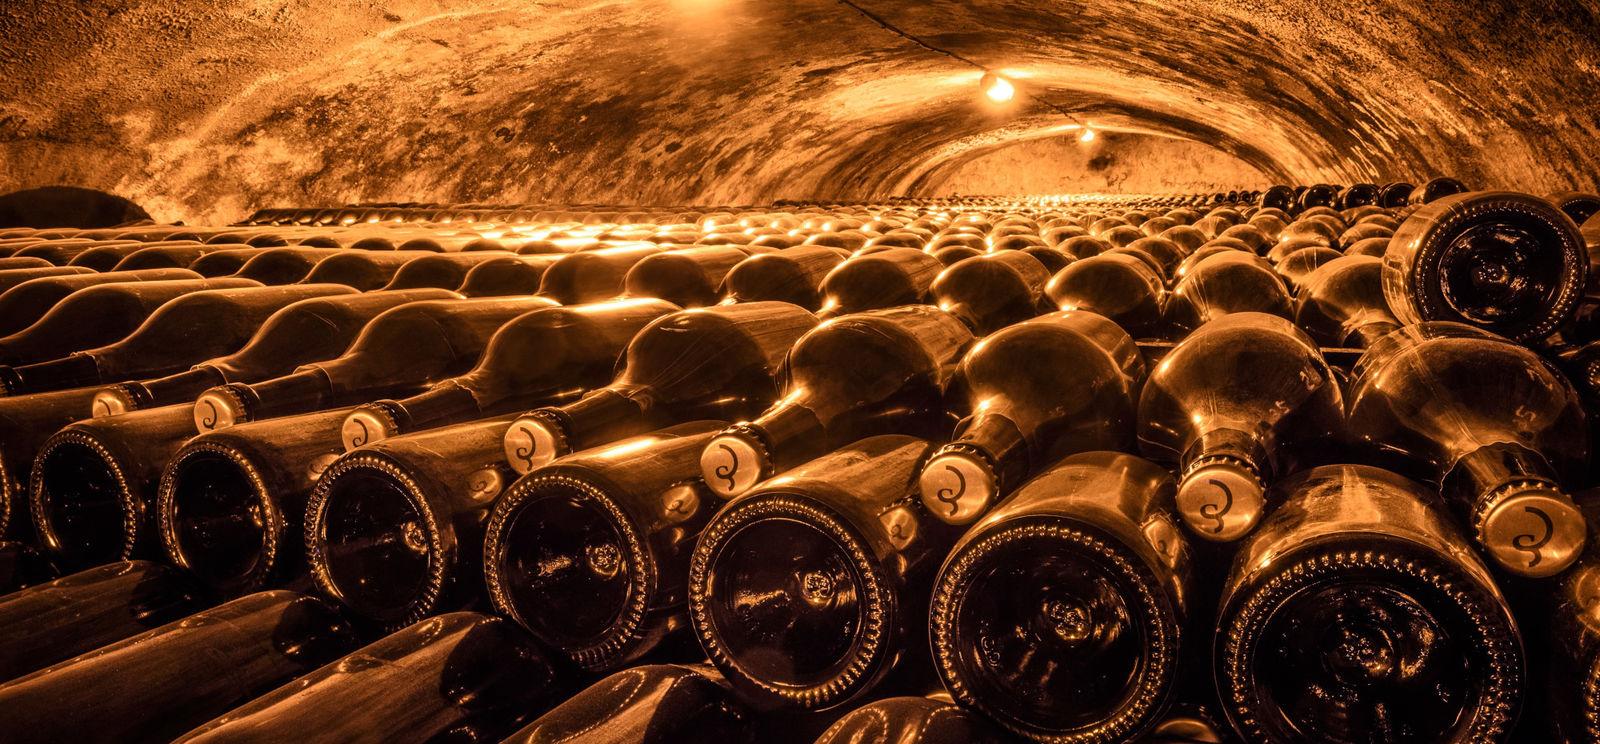 bs cellars